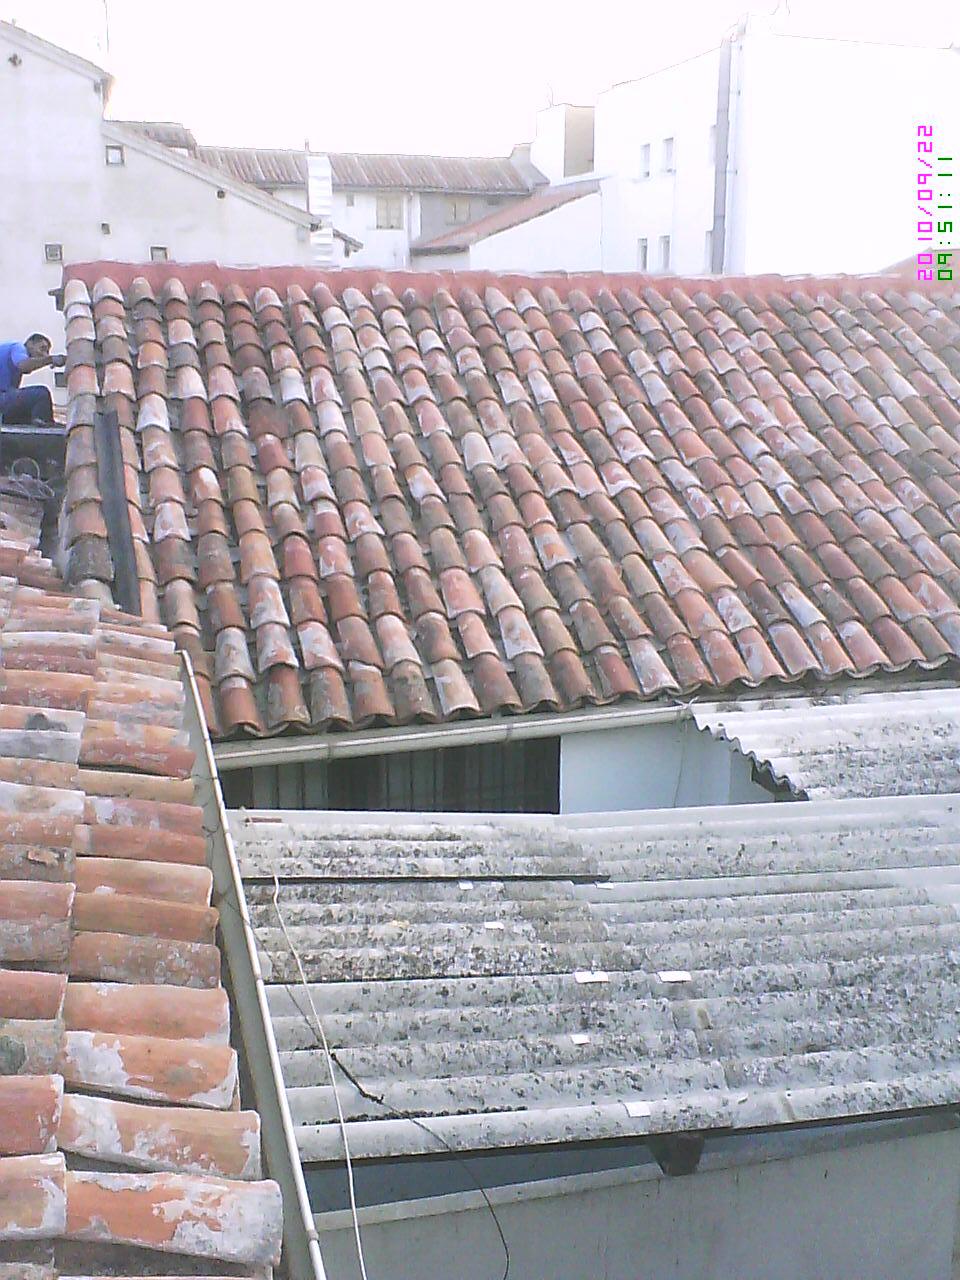 Desmontar tejado antiguo hacer tejado nuevo for Tejados de madera antiguos